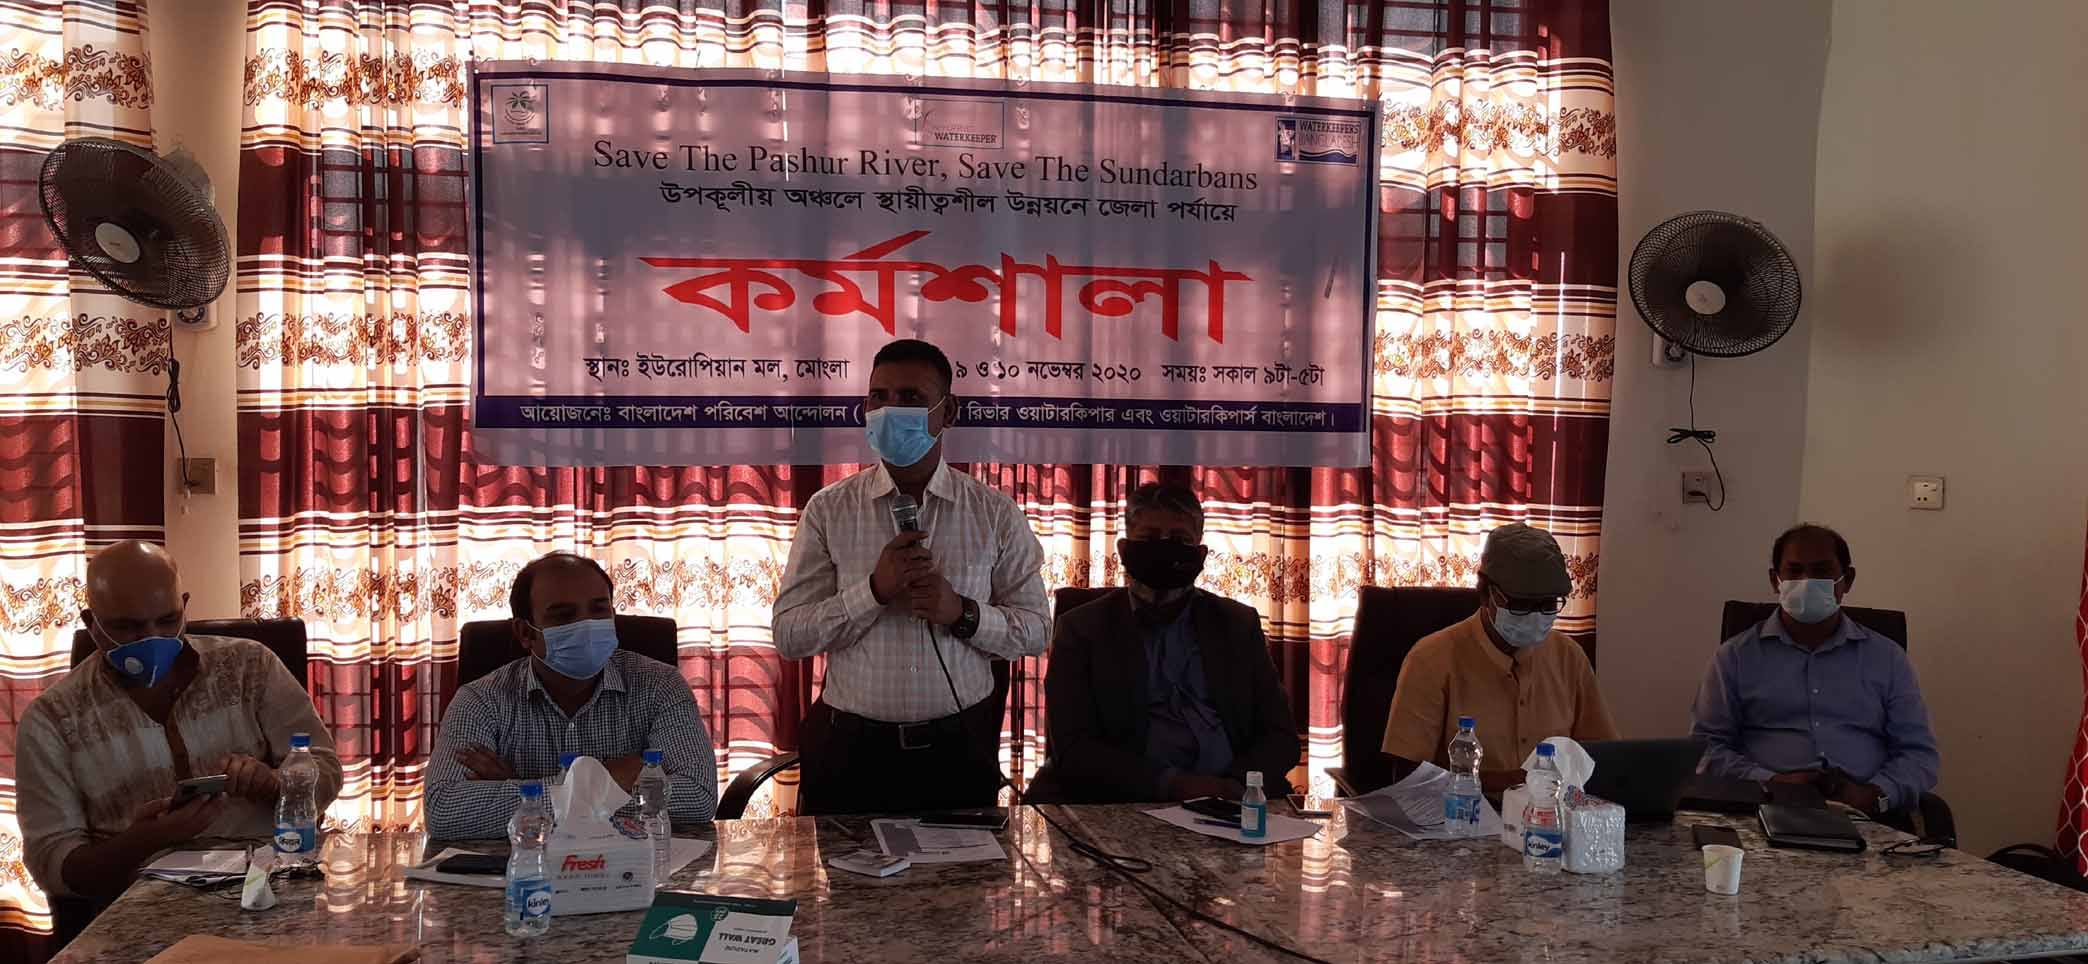 মোংলায় উপকূল এলাকায় স্থায়ীত্বশীল উন্নয়ন বিষয়ক কর্মশালা